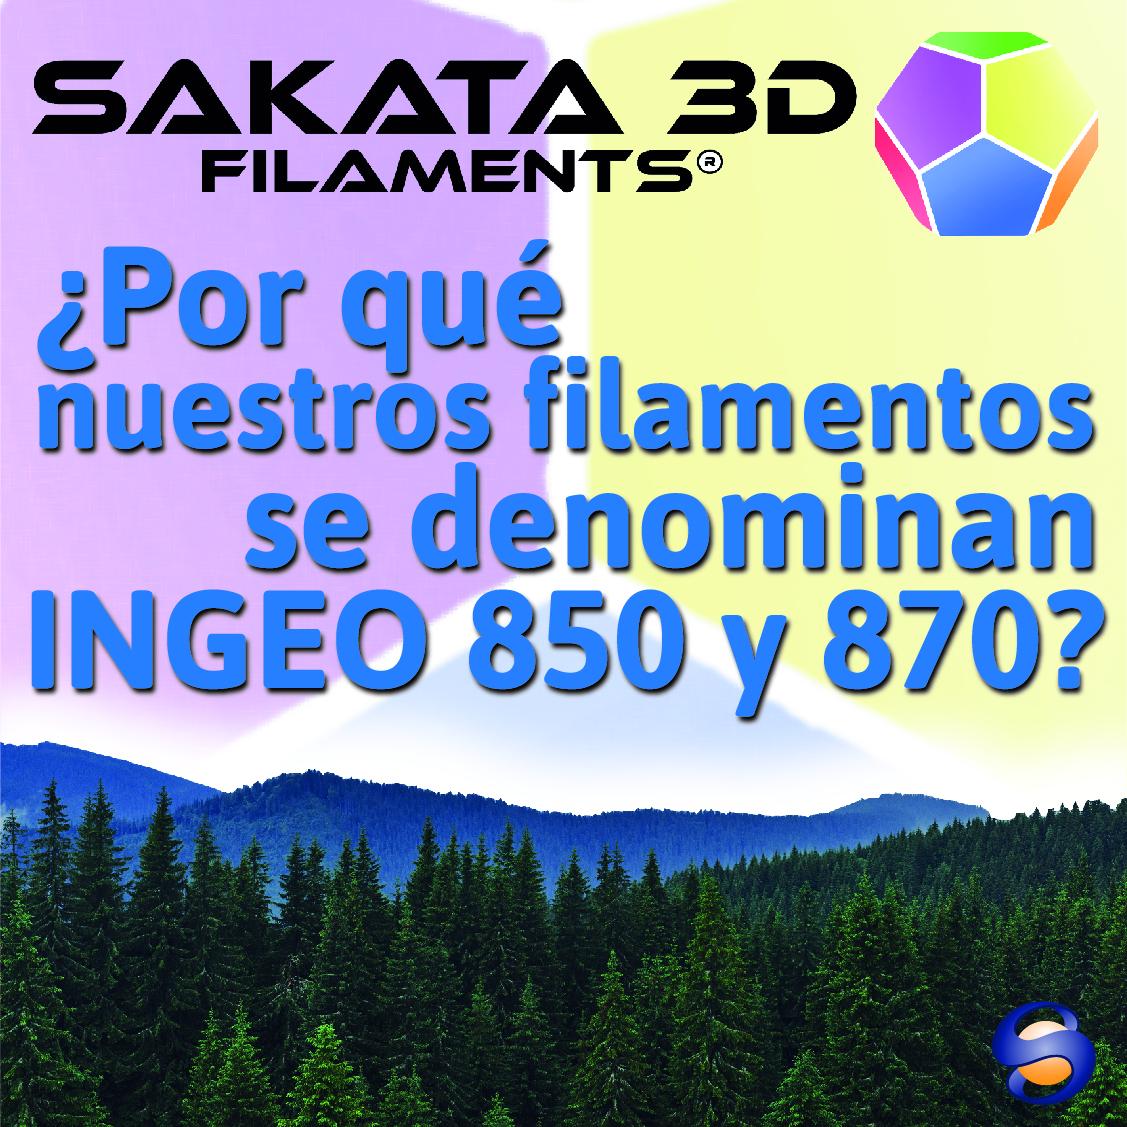 ¿Por qué nuestros filamentos se denominan INGEO 850 y 870?